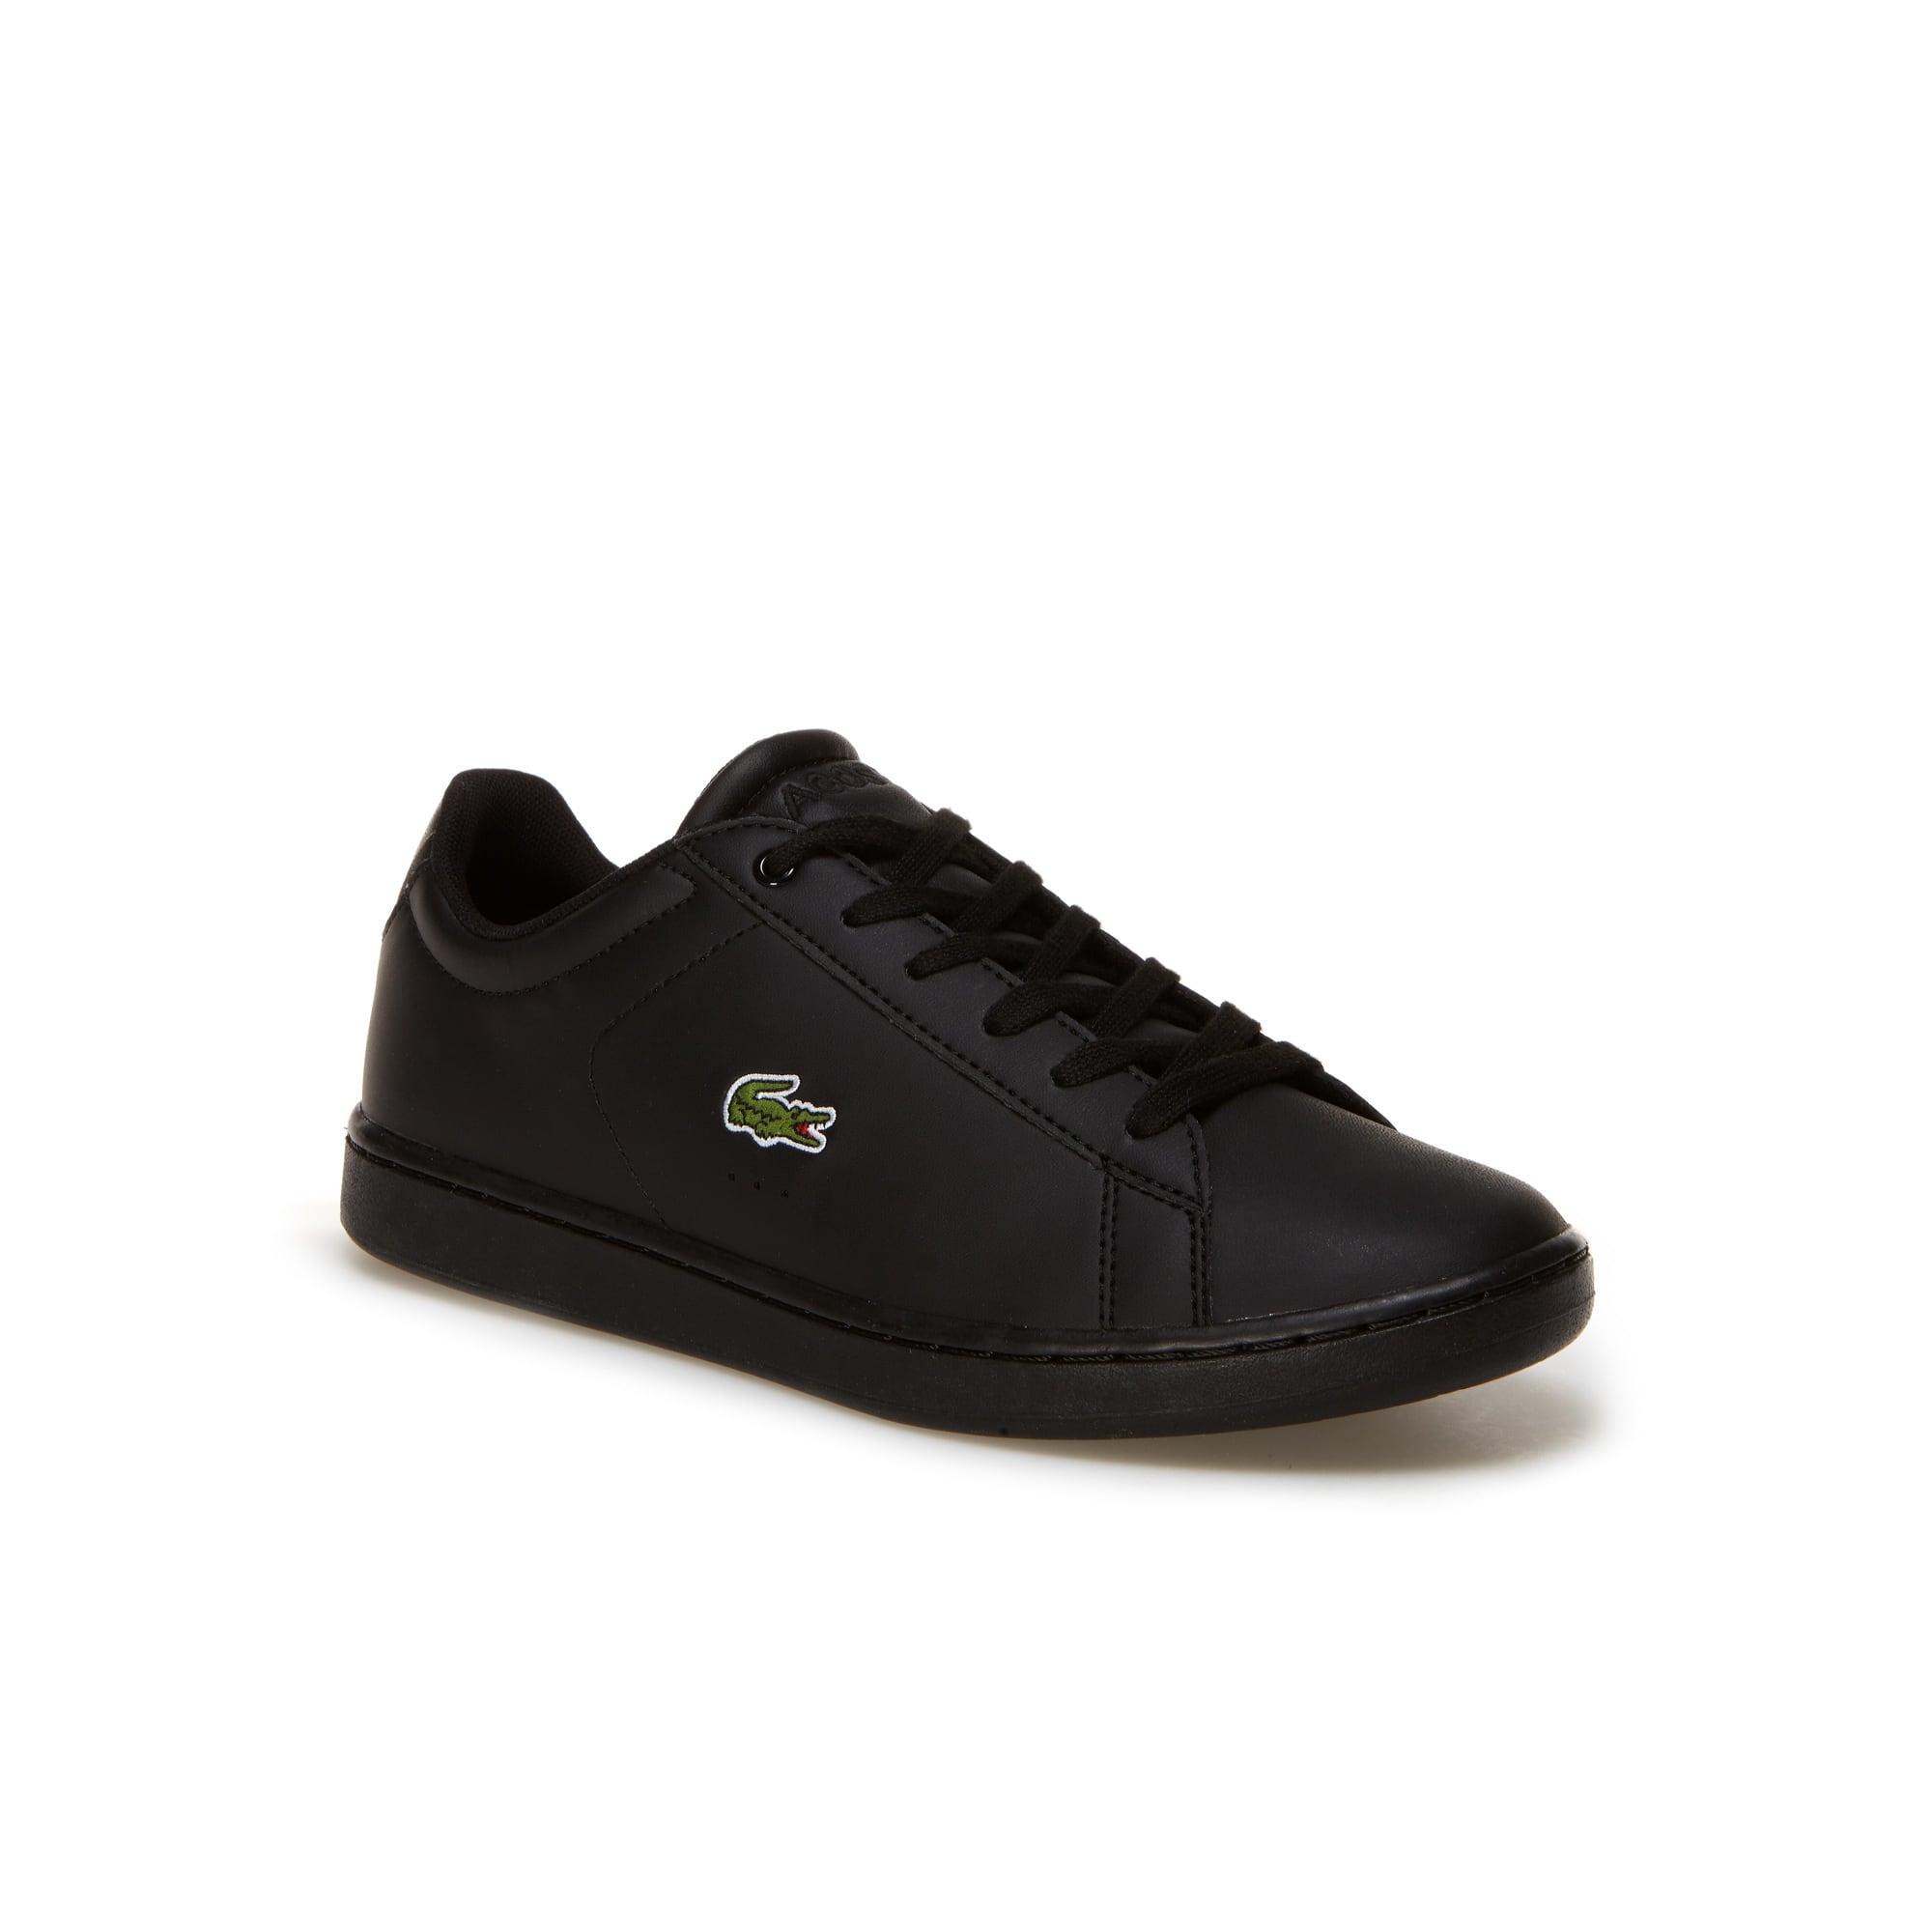 Sneakers Ado Carnaby Evo en simili-cuir et piqué résille